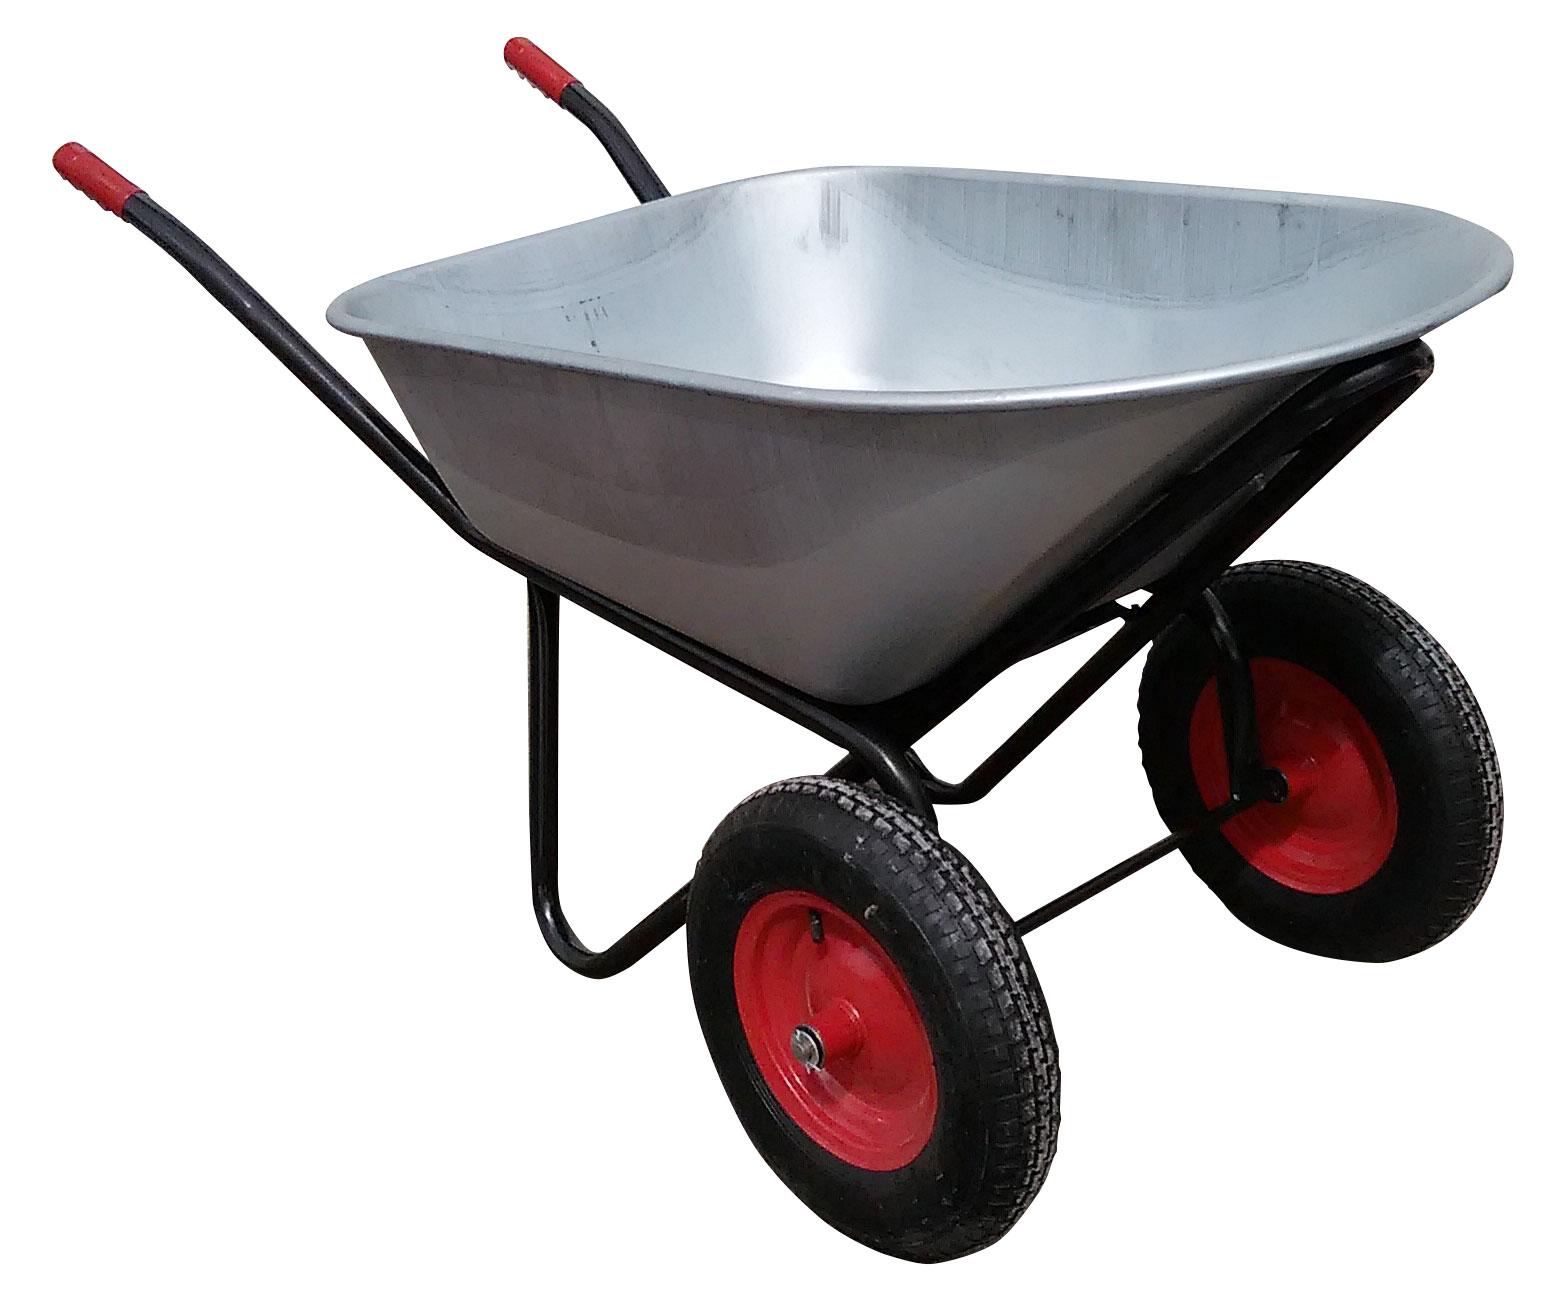 Тачка садово-строительная двухколесная 100 л 350 кг усиленная с овальным корытом фото